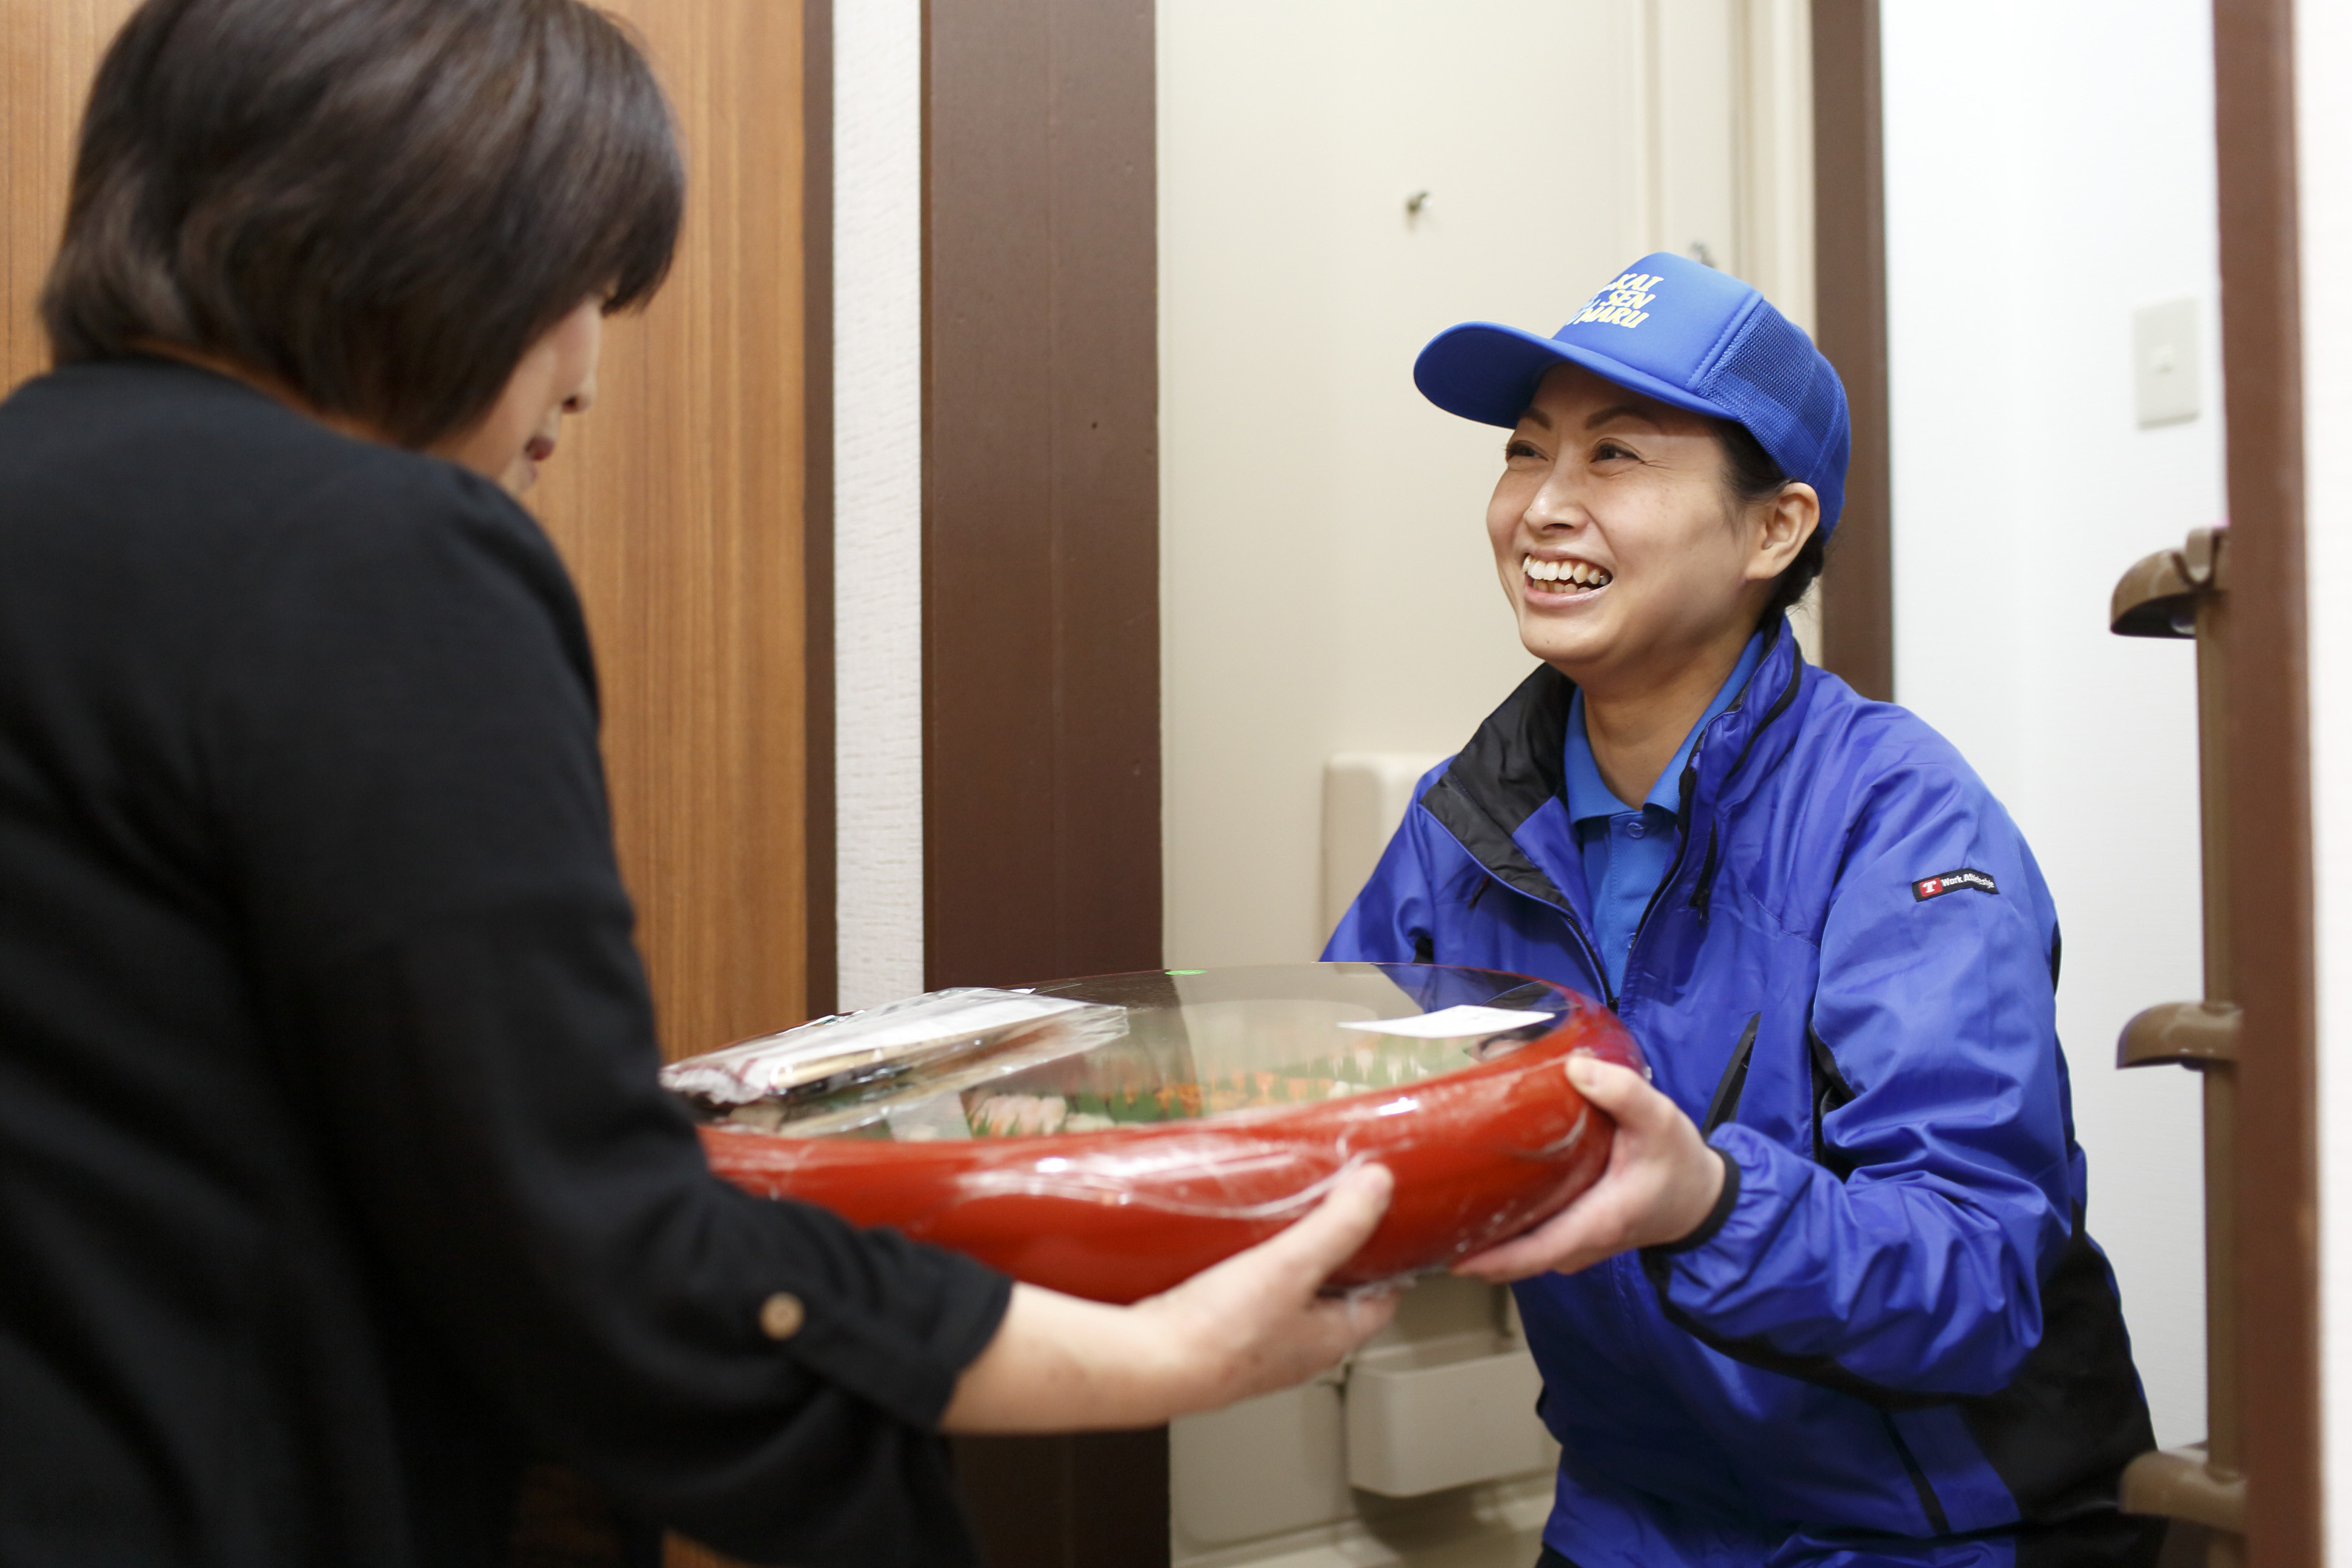 札幌海鮮丸 士別店 デリバリー(配達)スタッフのアルバイト情報